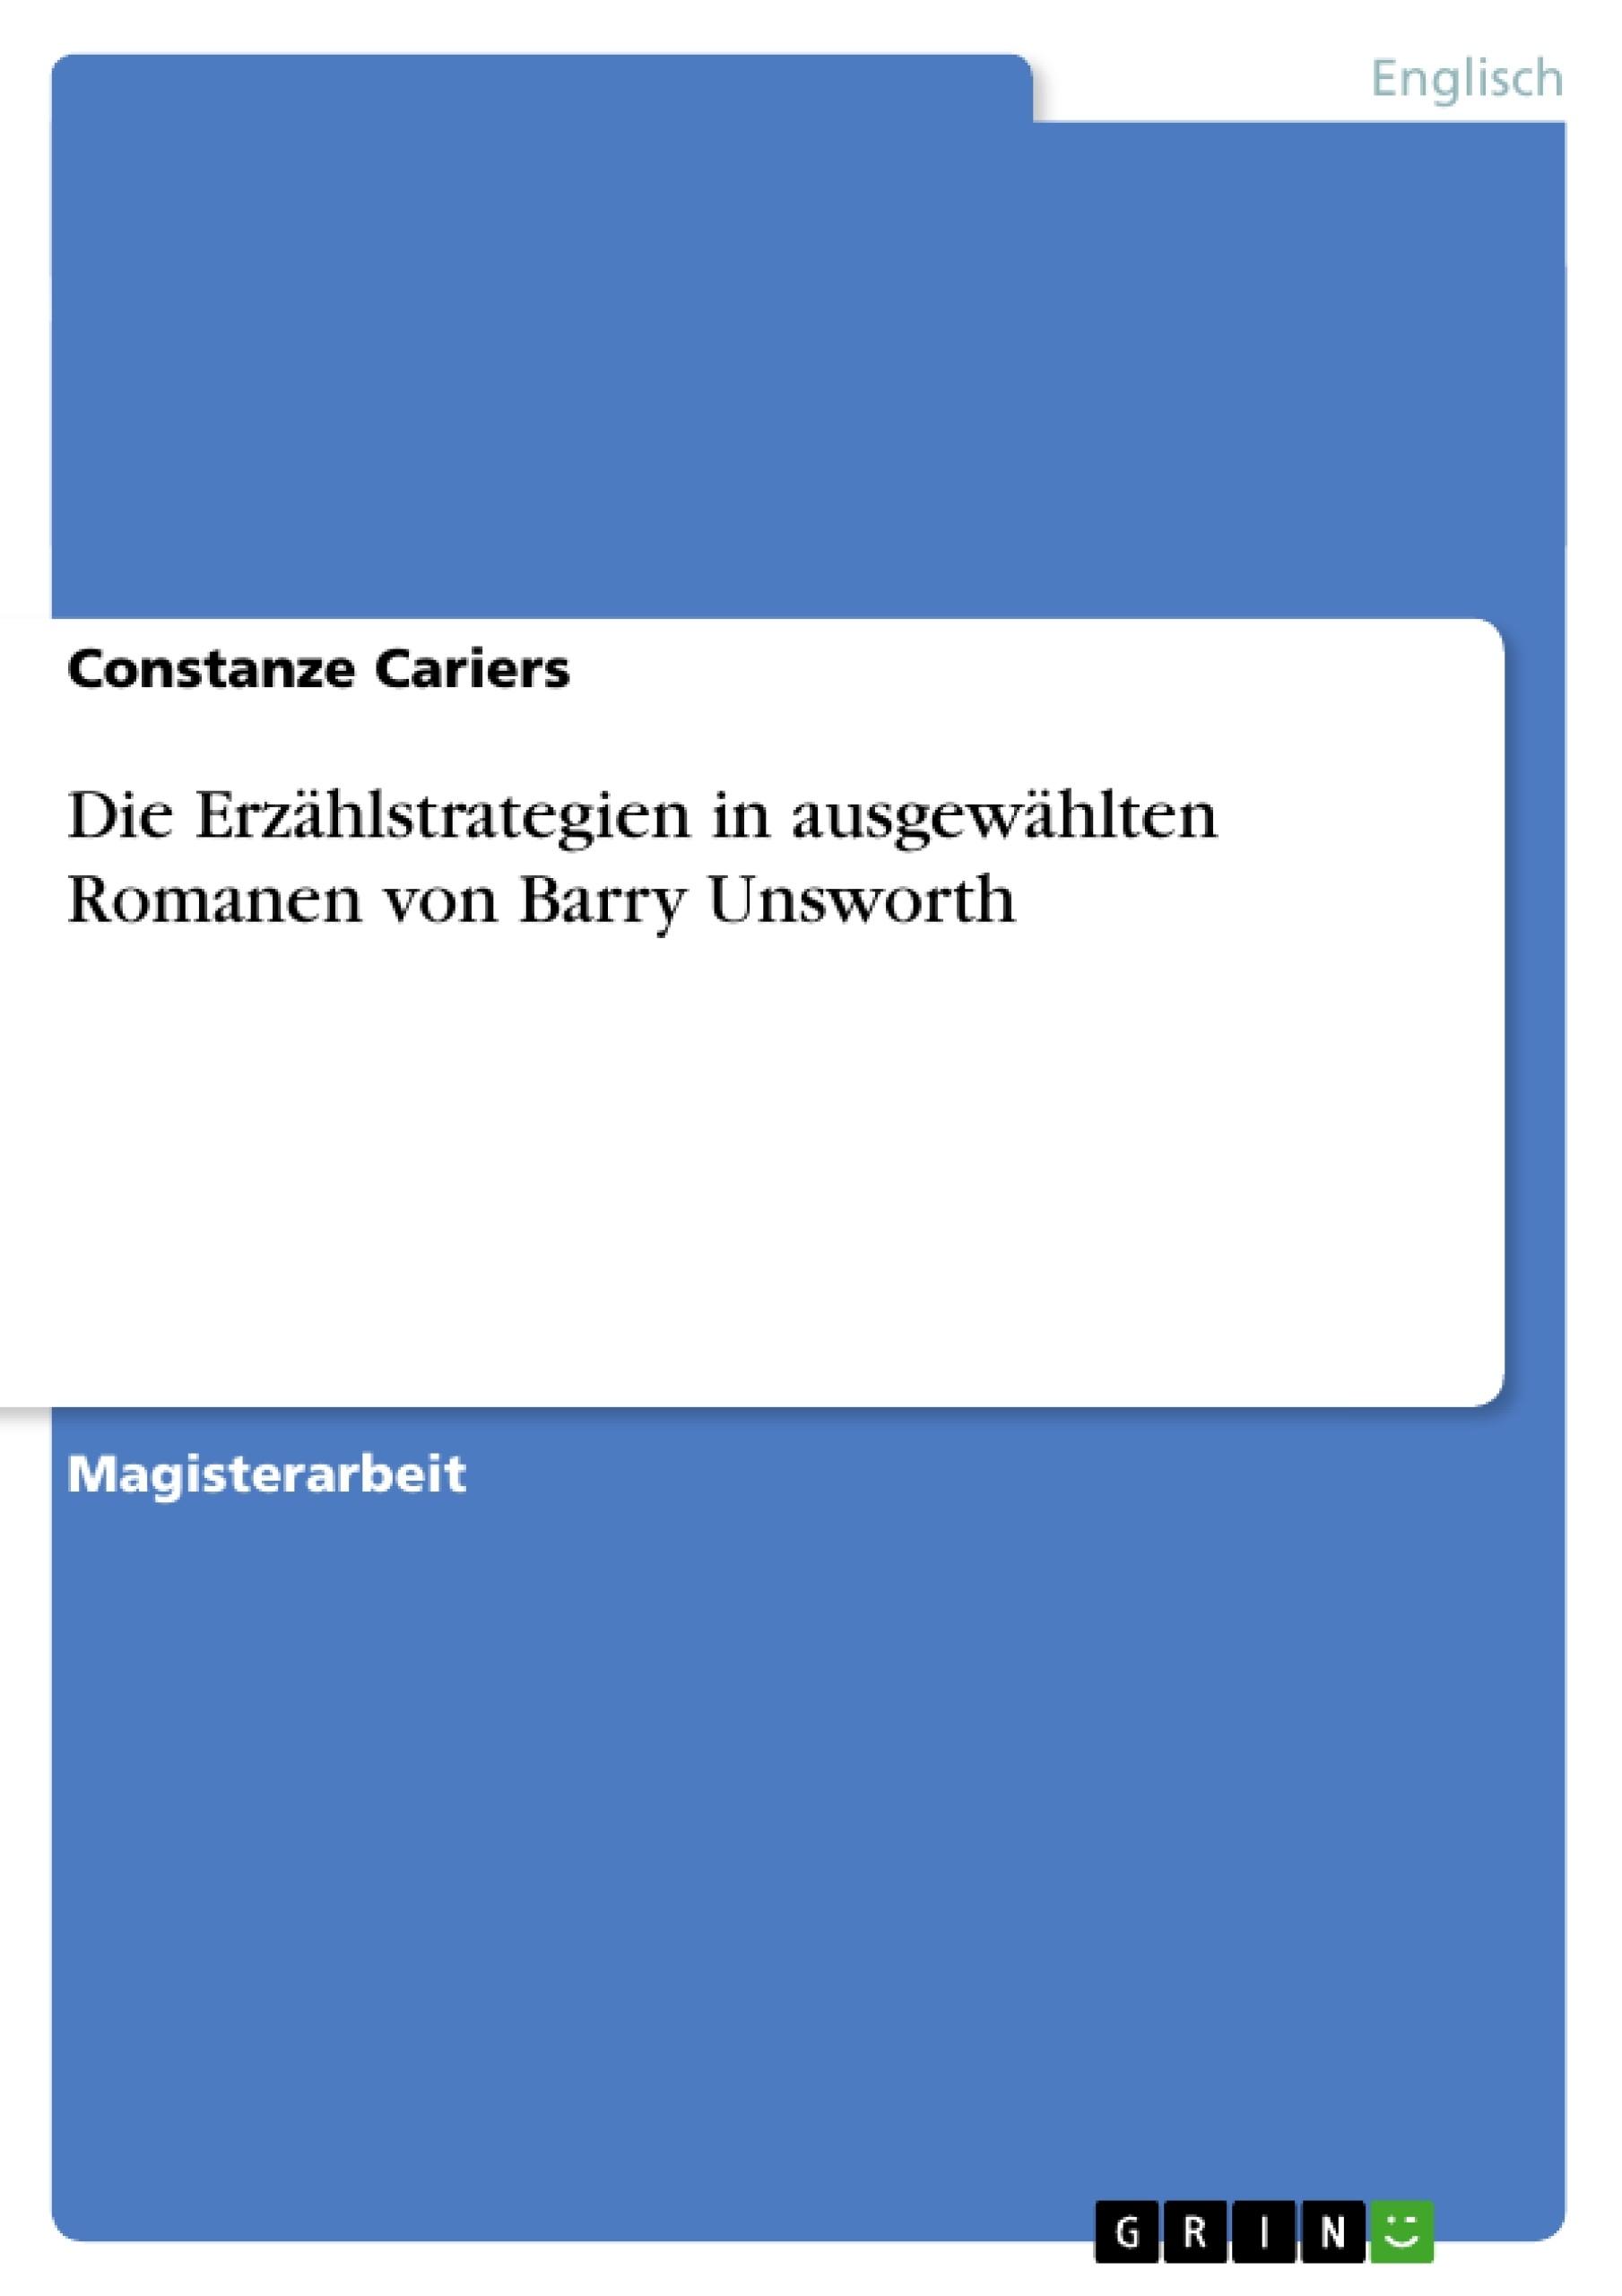 Titel: Die Erzählstrategien in ausgewählten Romanen von Barry Unsworth